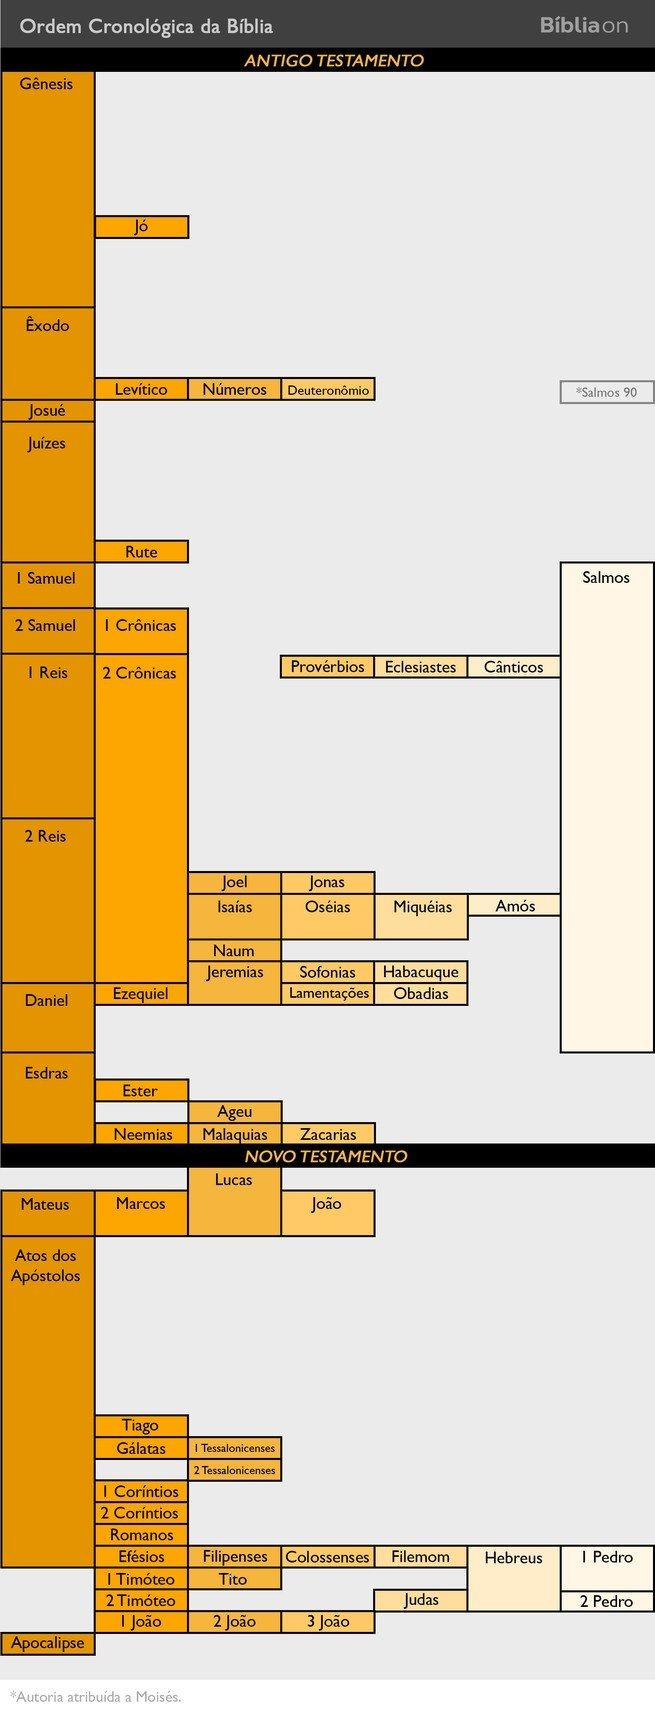 Ordem cronológica da Bíblia